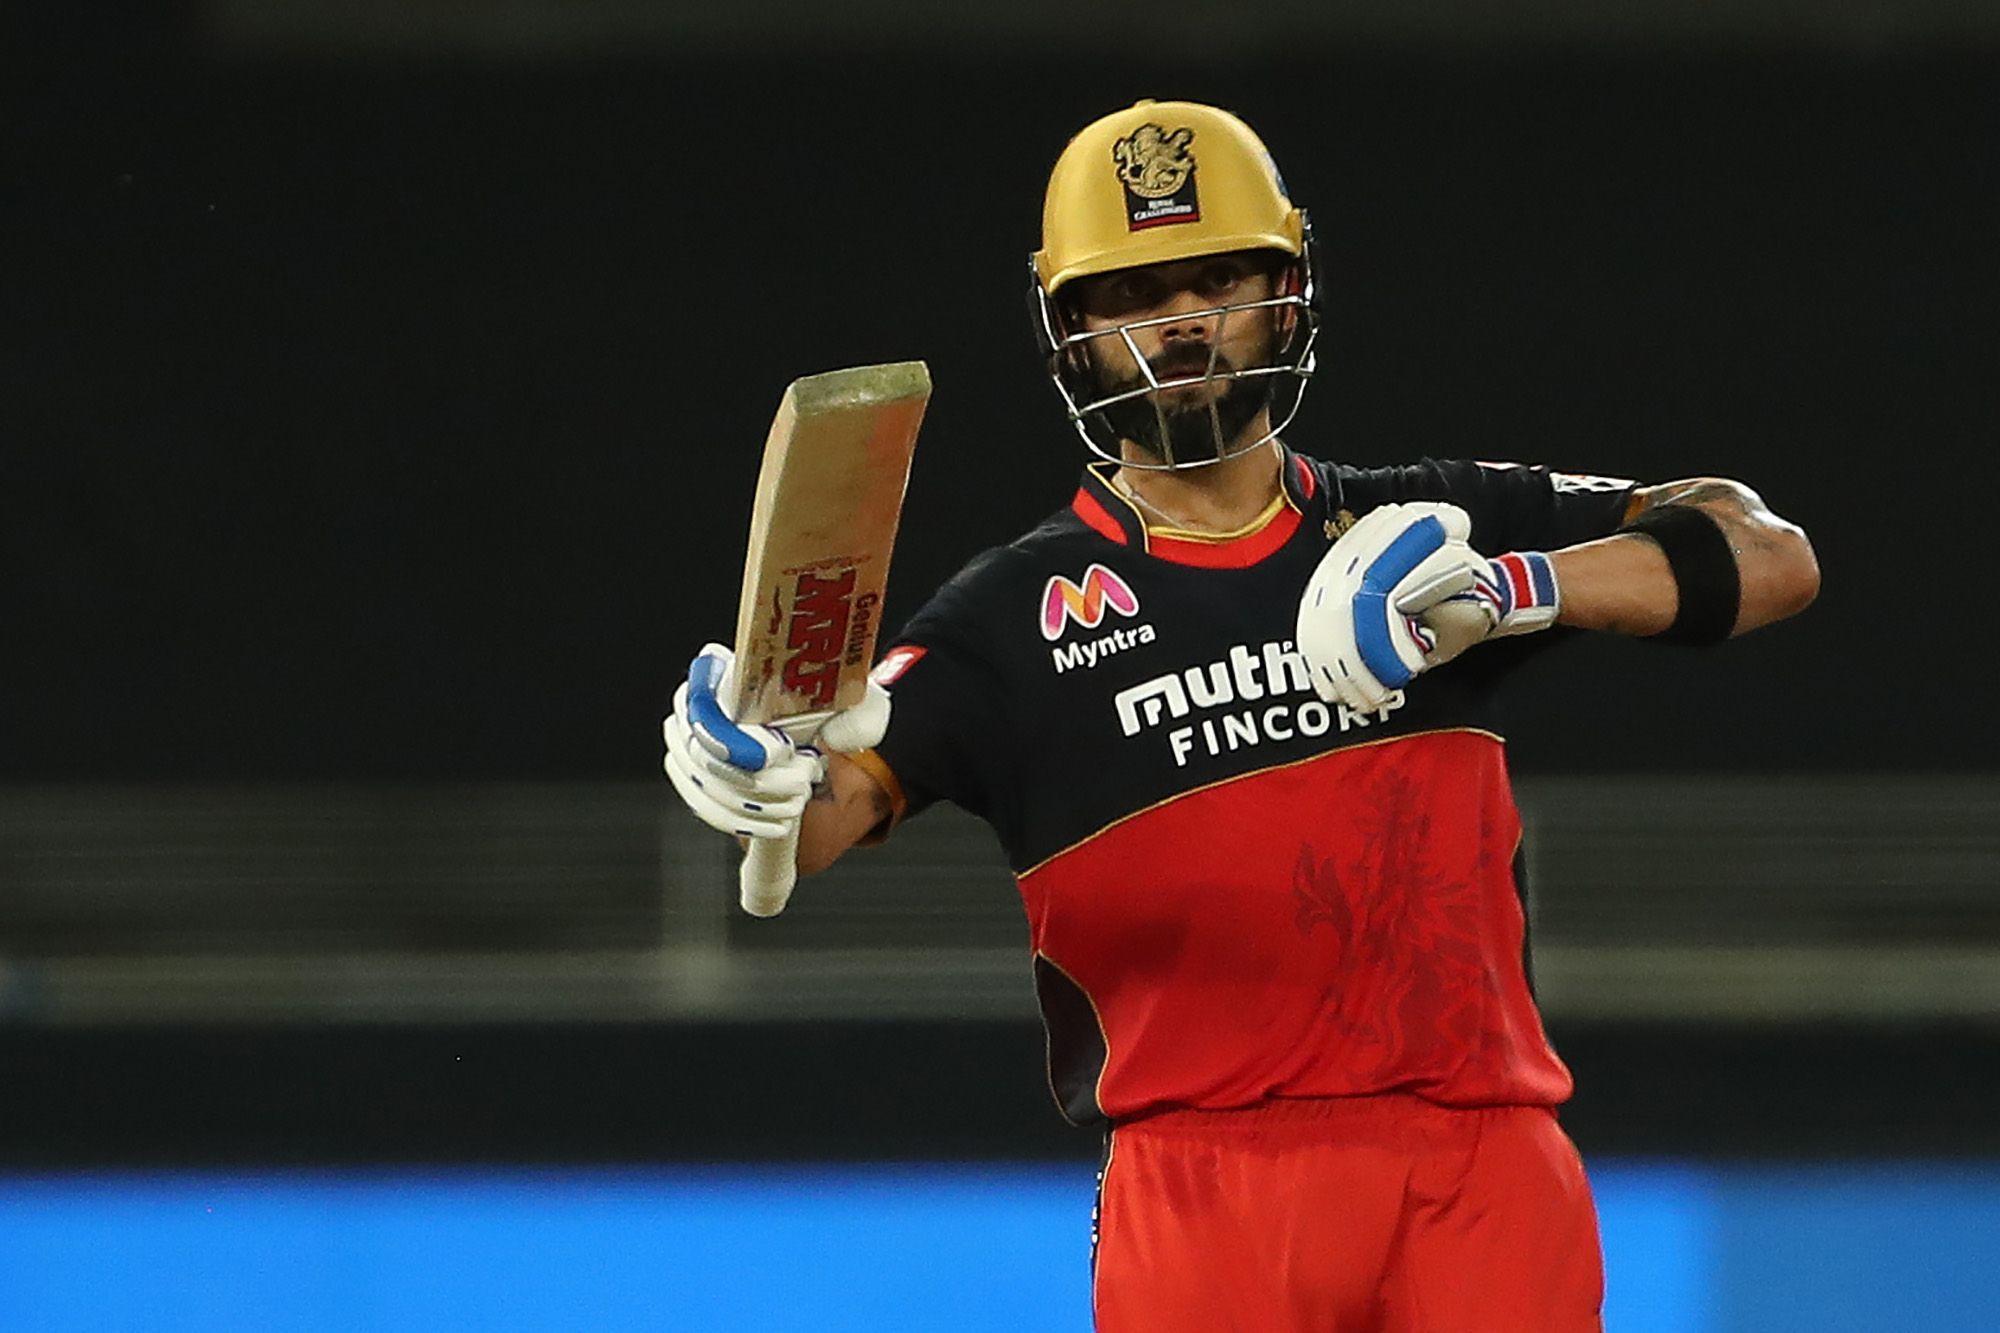 Virat Kohli scored record 973 runs in IPL 2016. (Photo - BCCI / IPL)